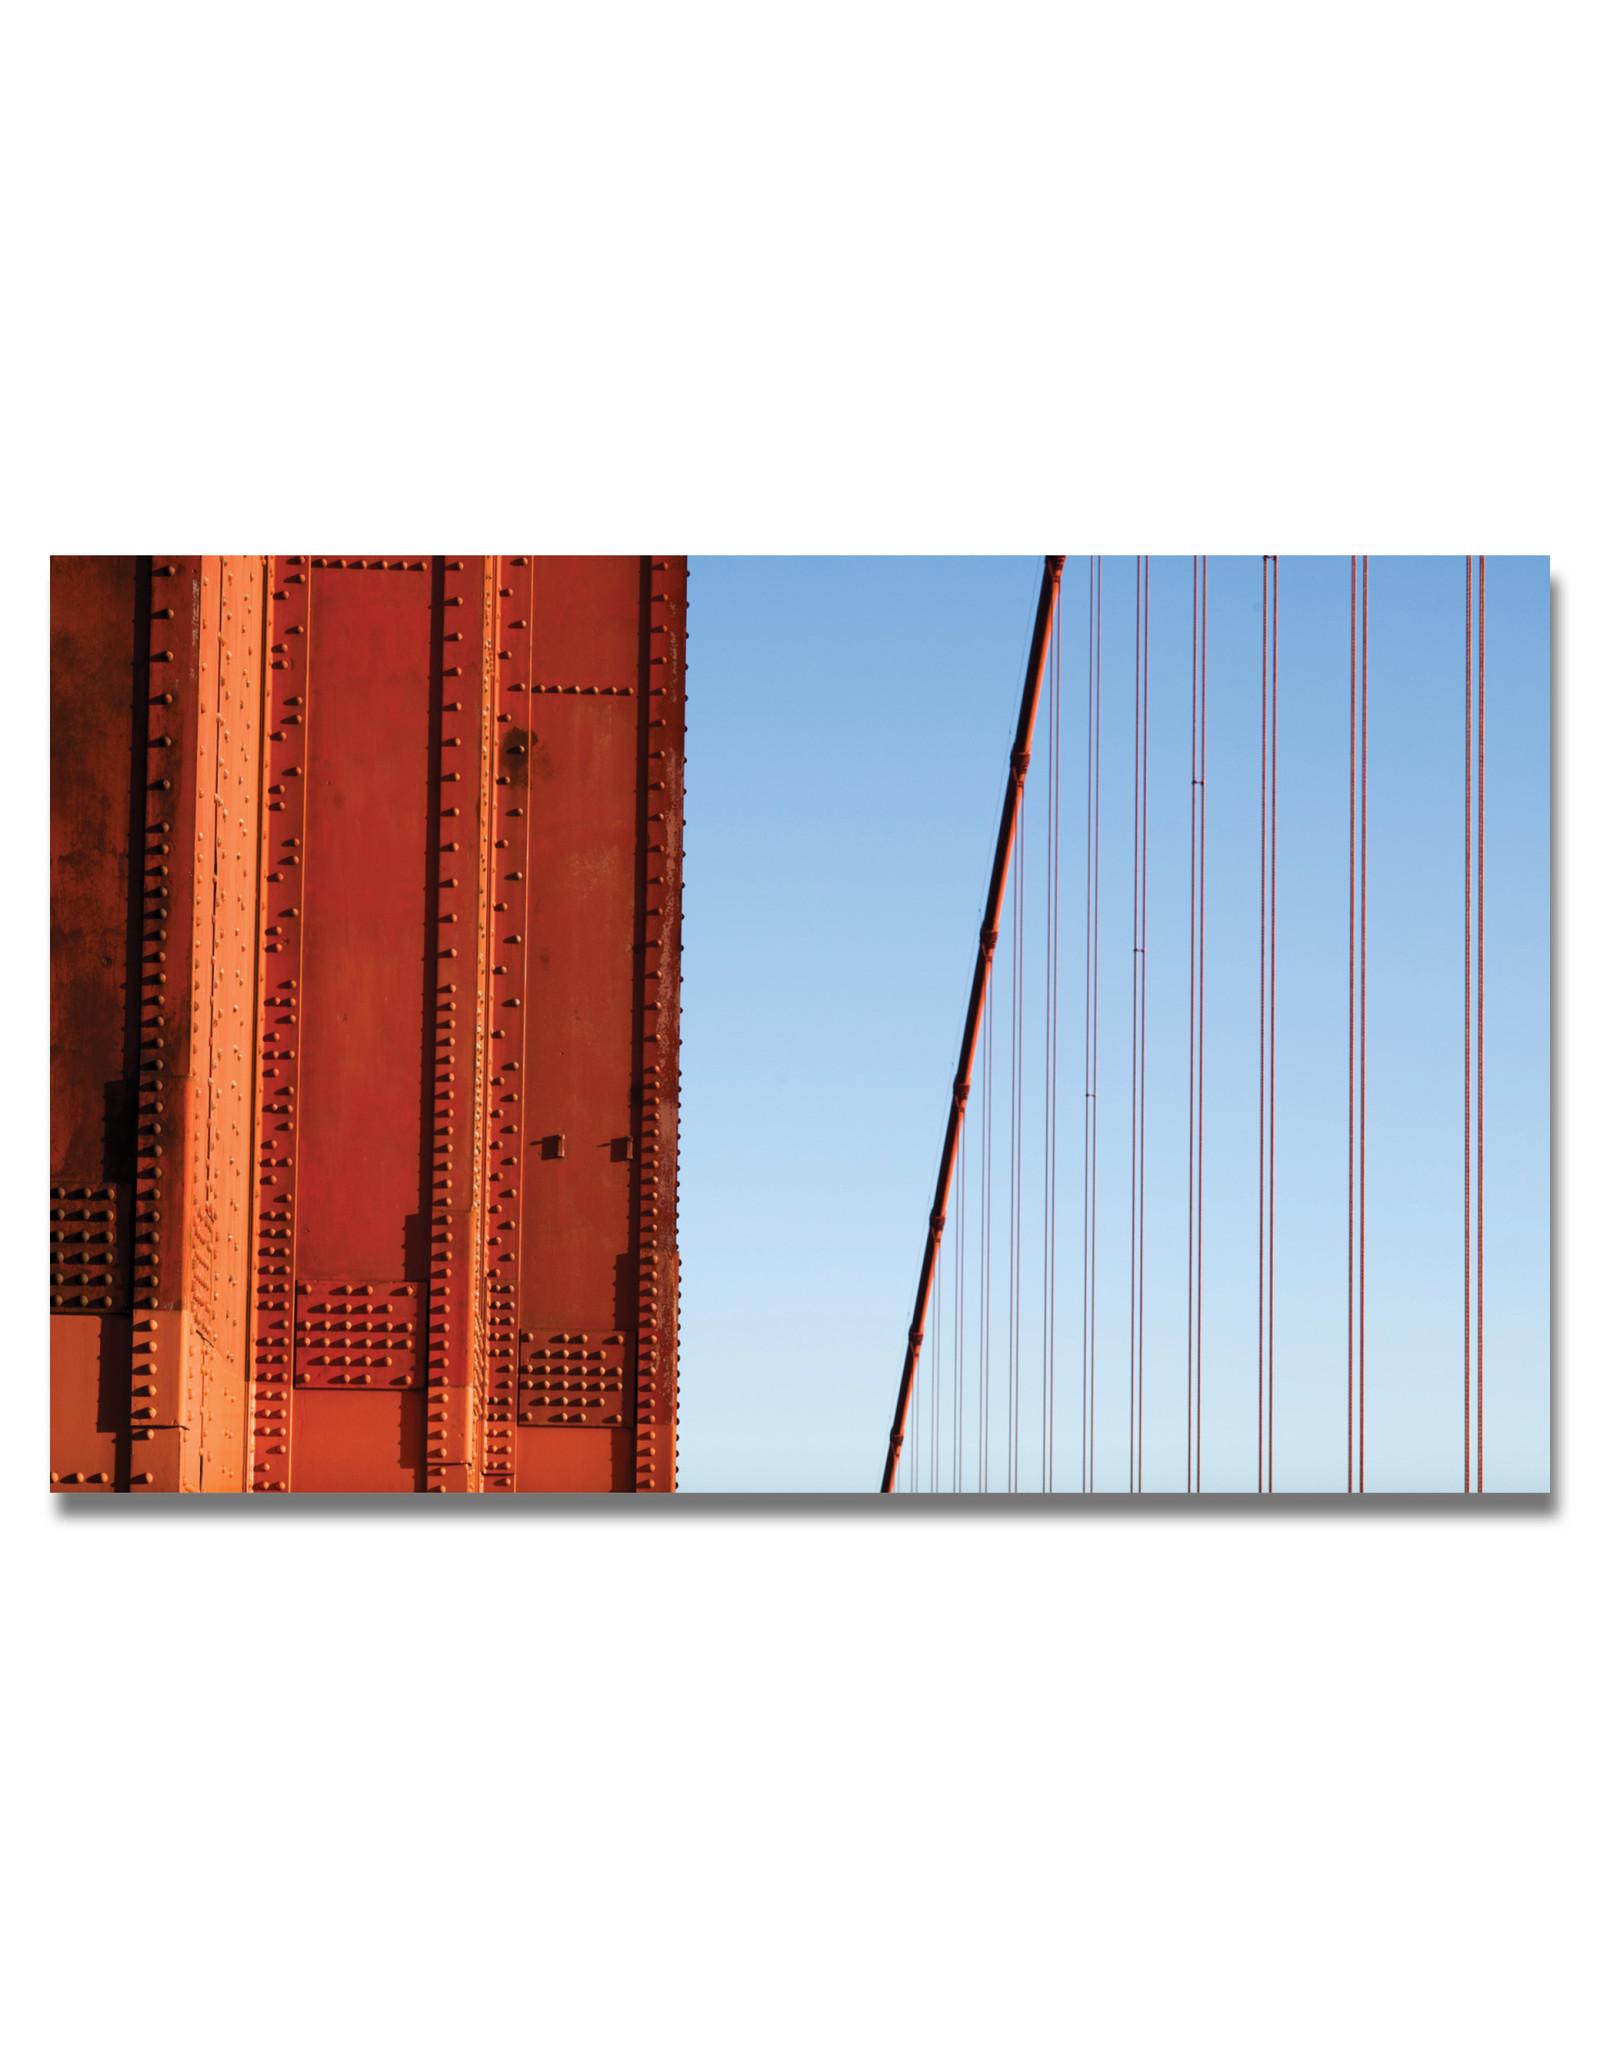 Golden Gate Bridge - No. 2